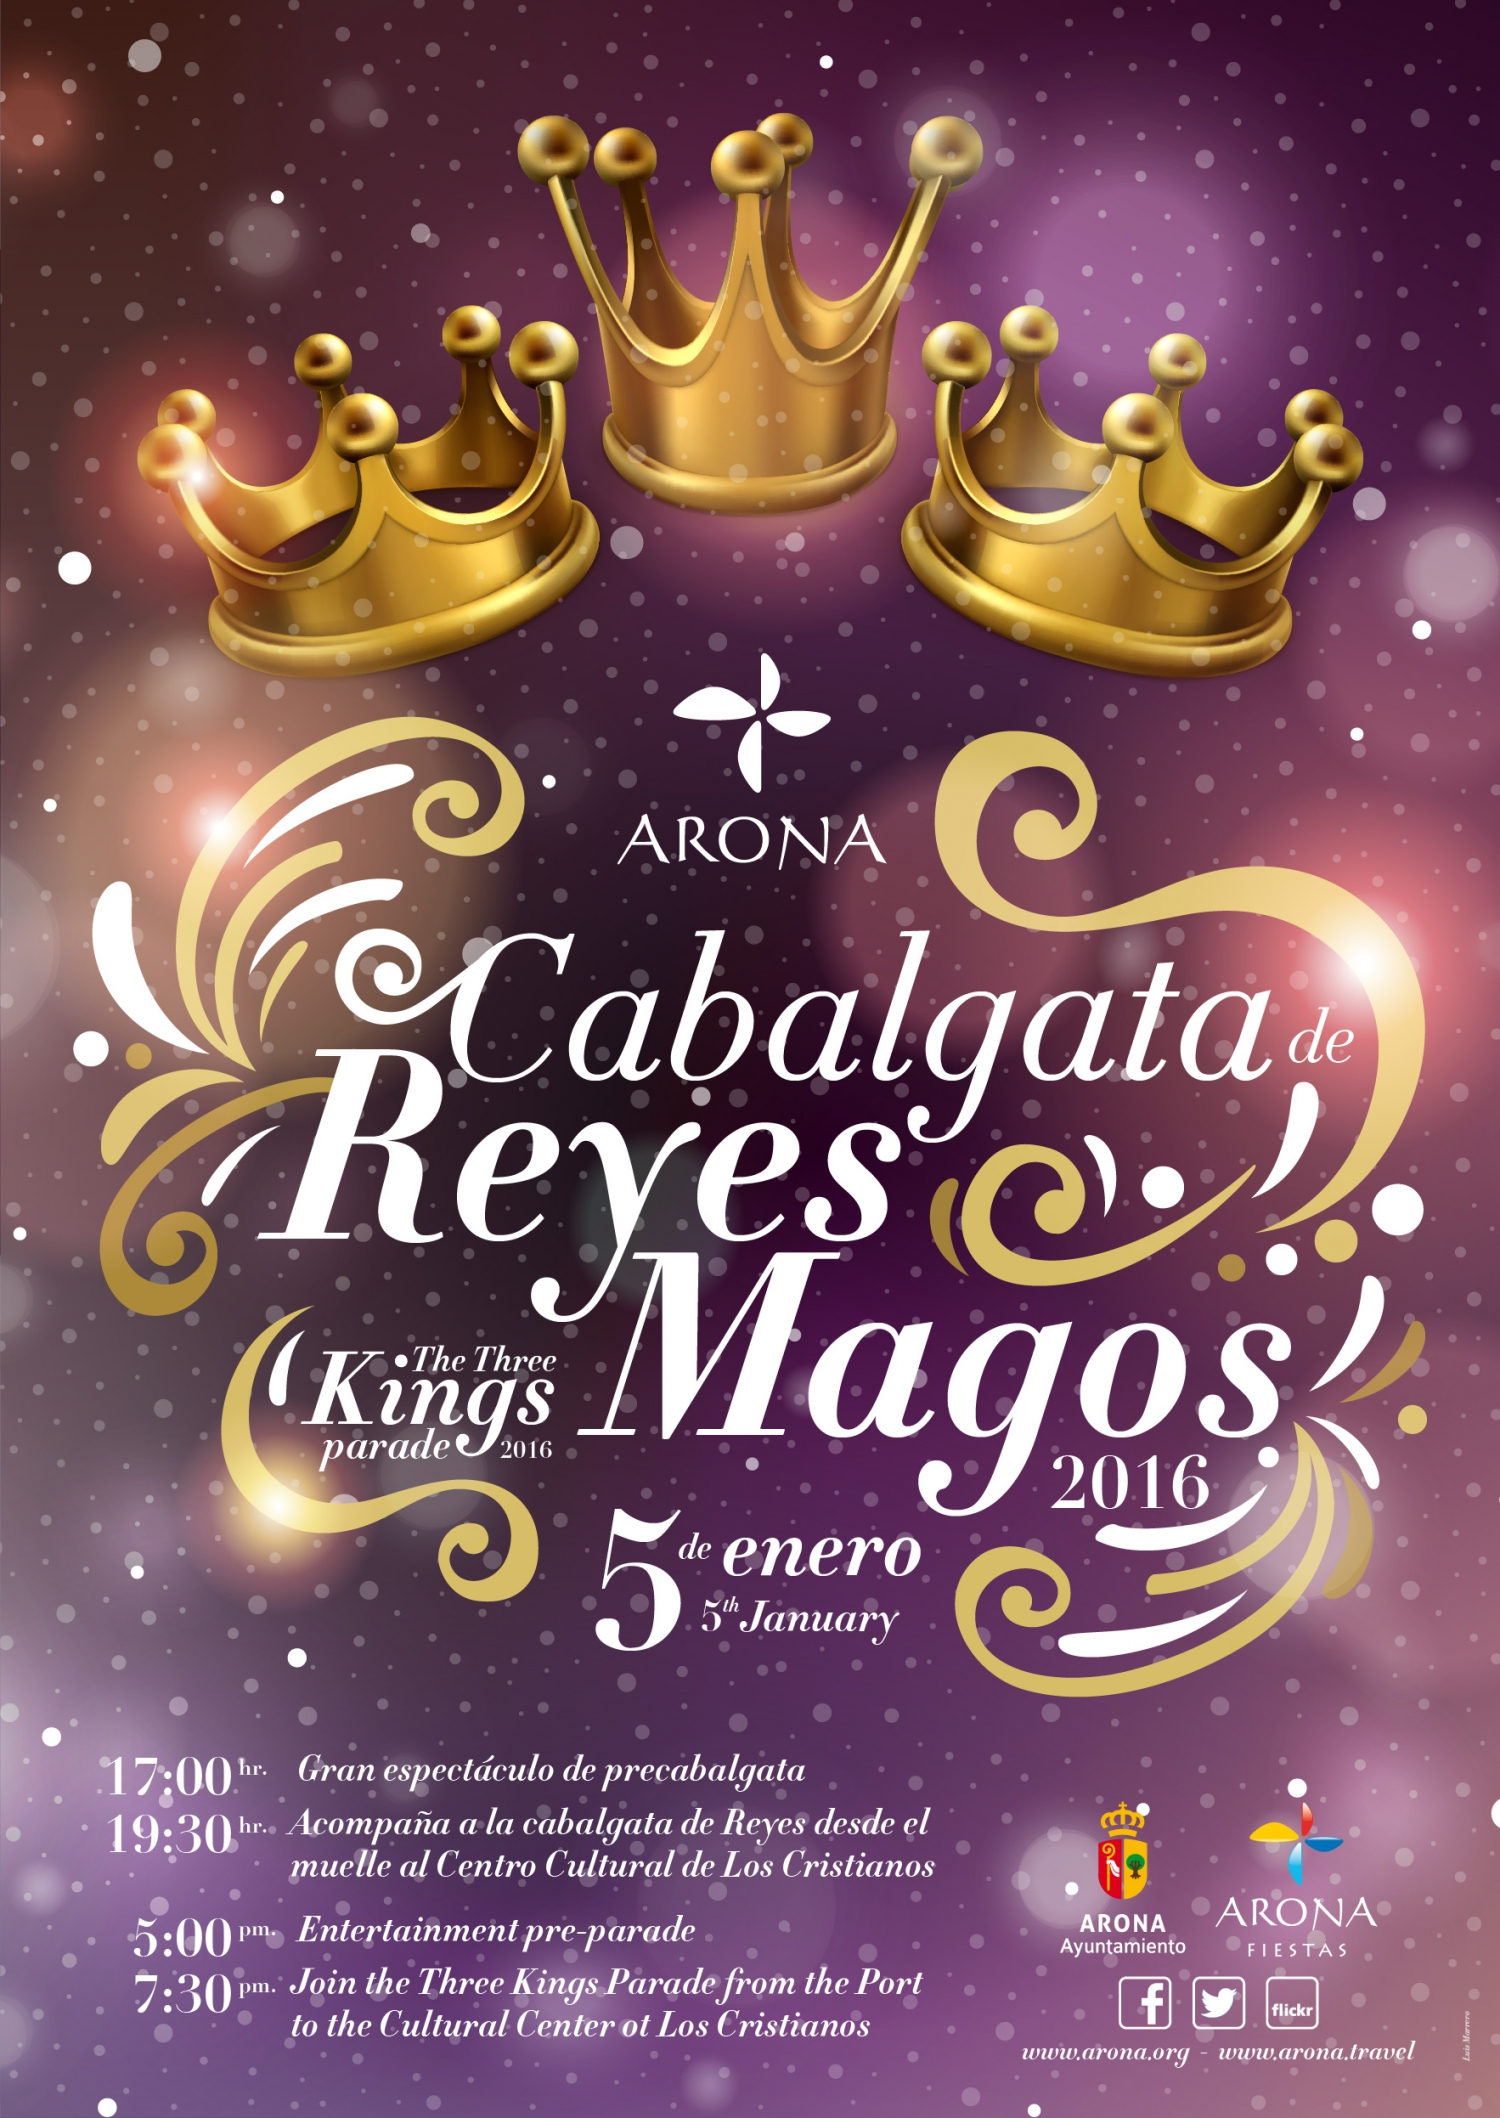 Kings Parade Los Cristianos